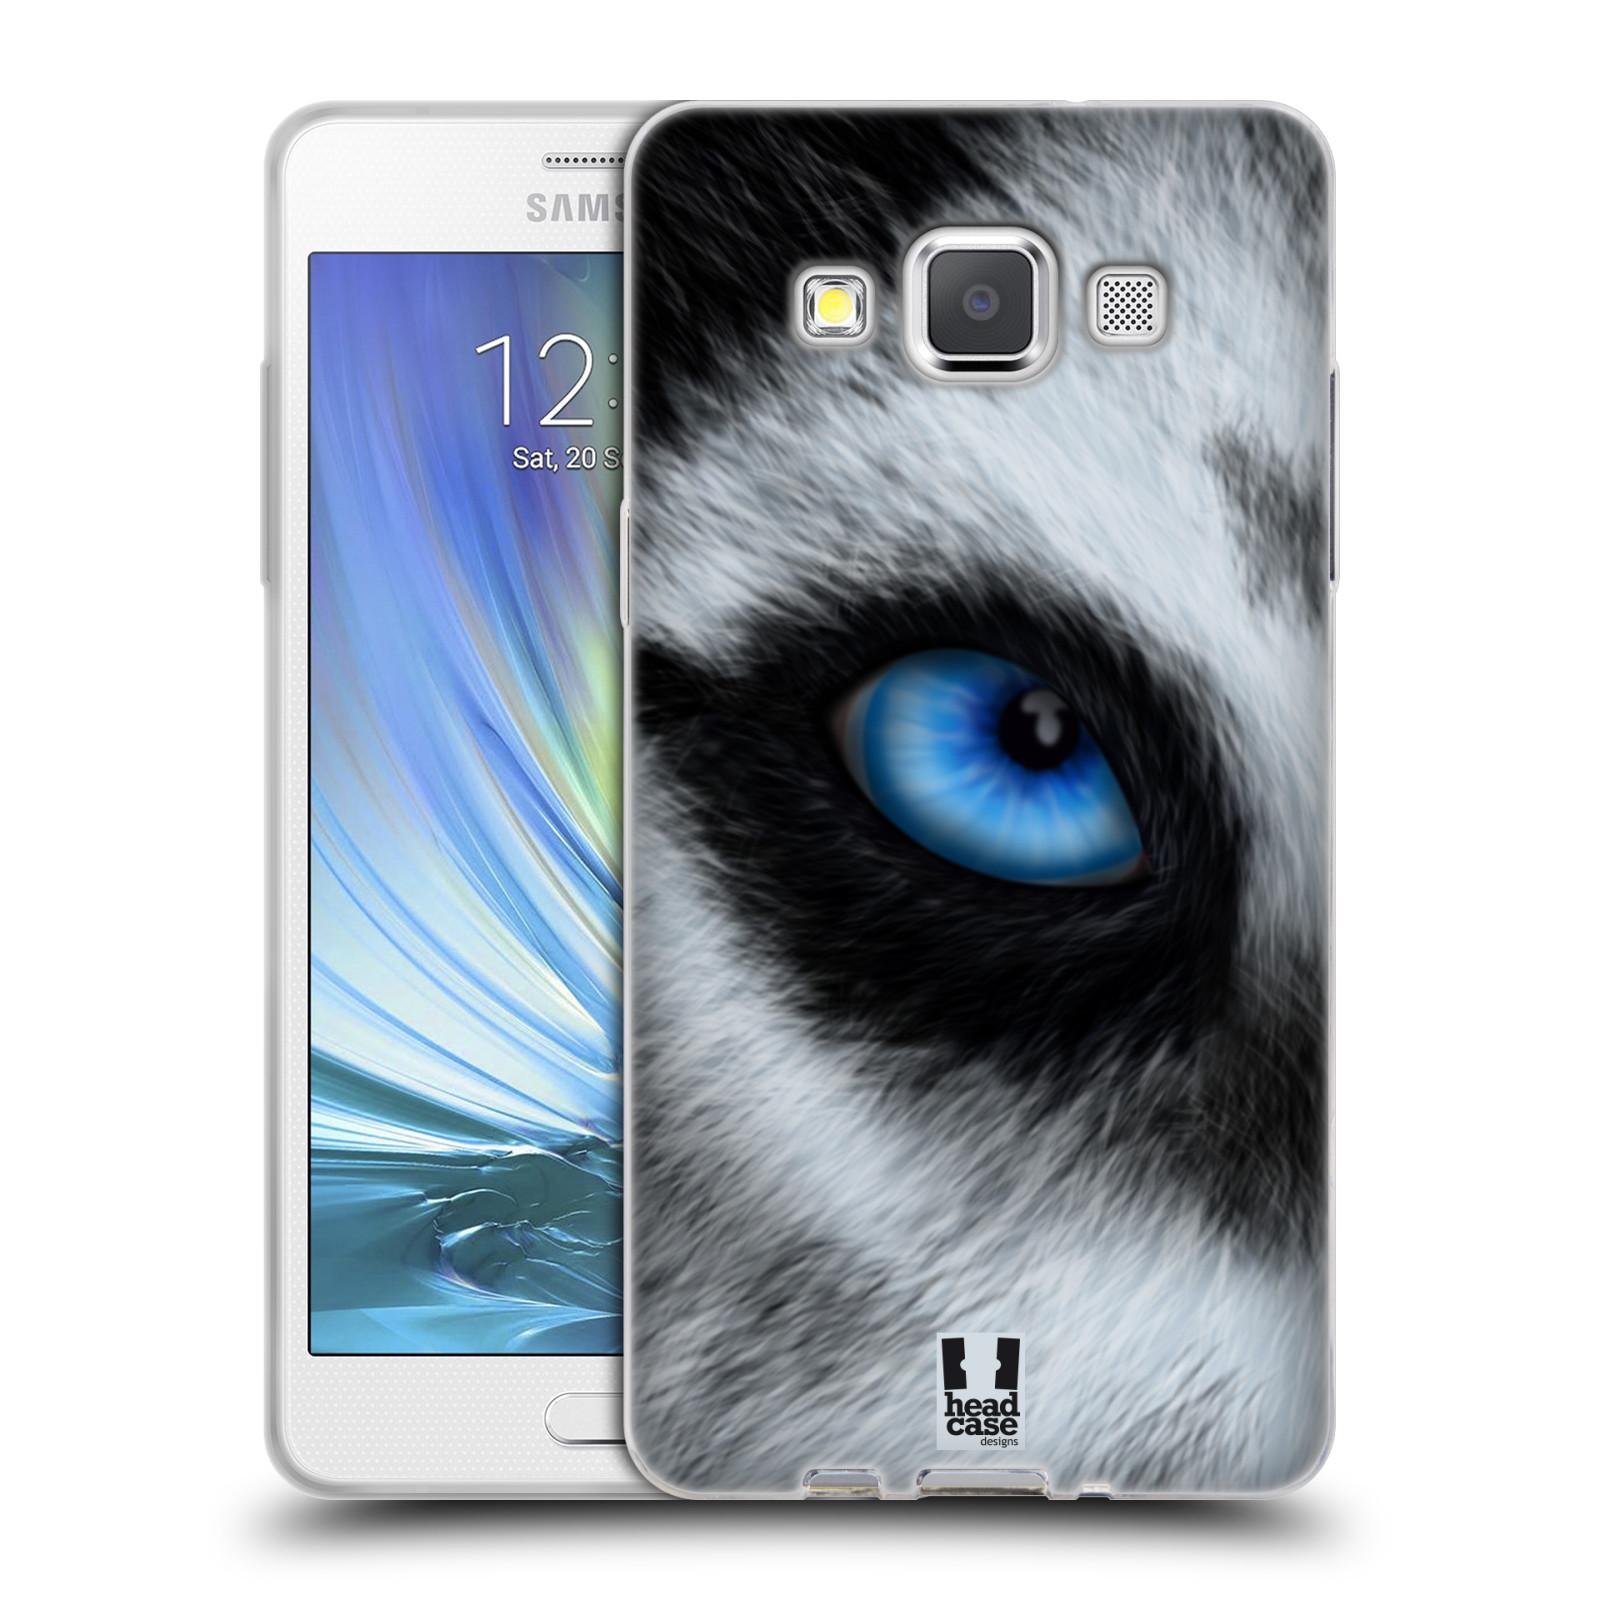 HEAD CASE silikonový obal na mobil Samsung Galaxy A5 vzor pohled zvířete oko pes husky